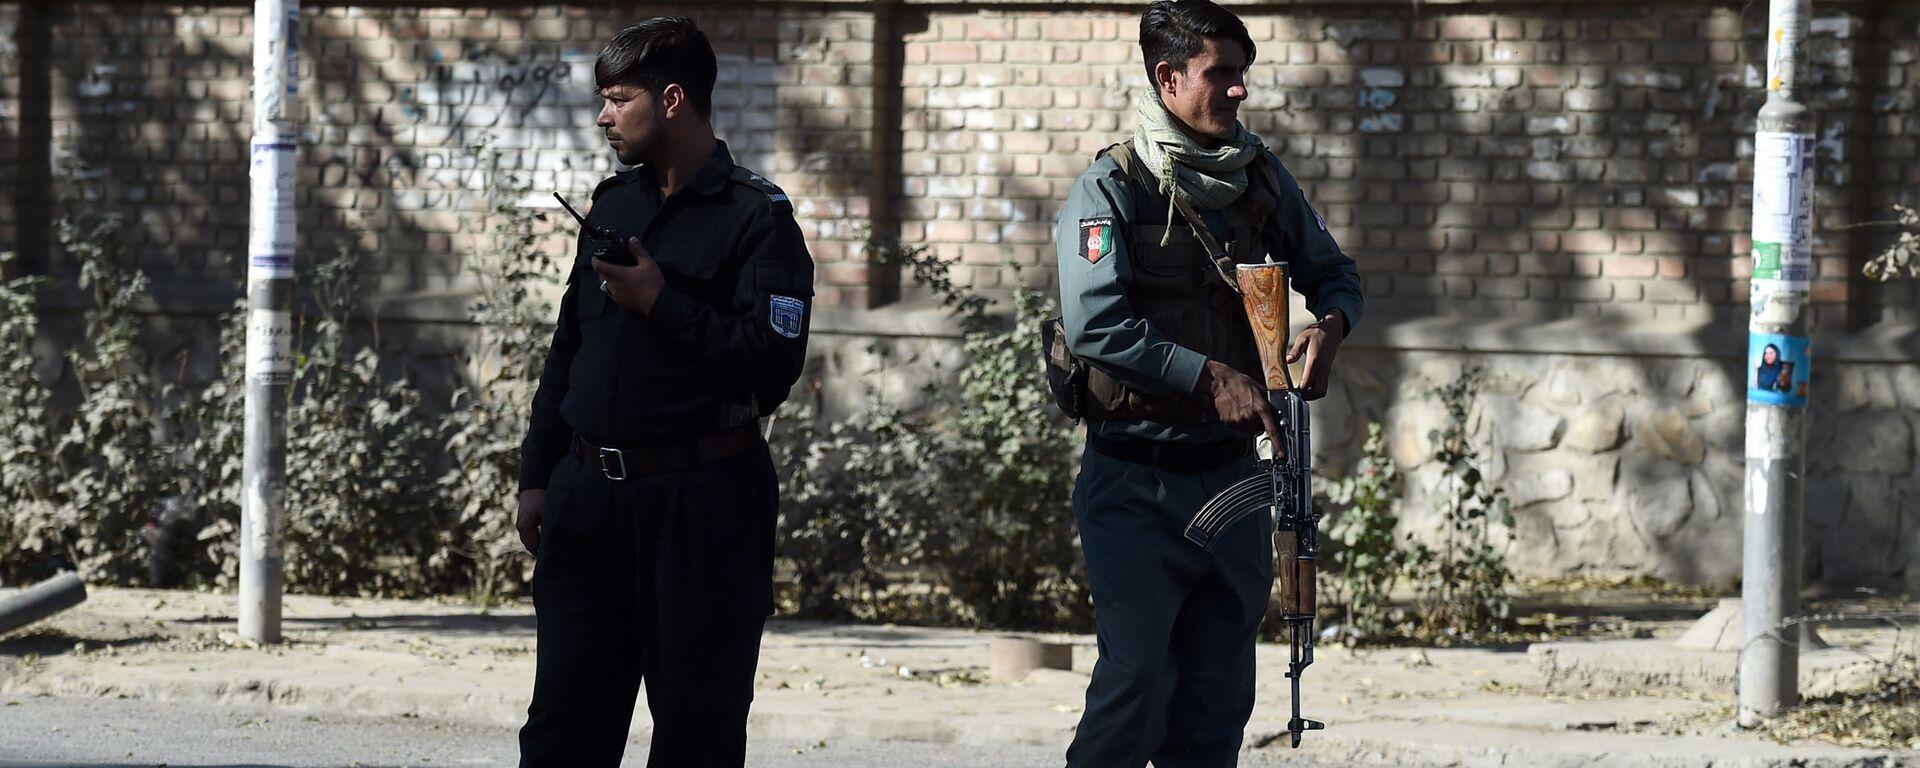 Полицейские стоят на страже возле Кабульского университета, архифное фото - Sputnik Тоҷикистон, 1920, 07.12.2020